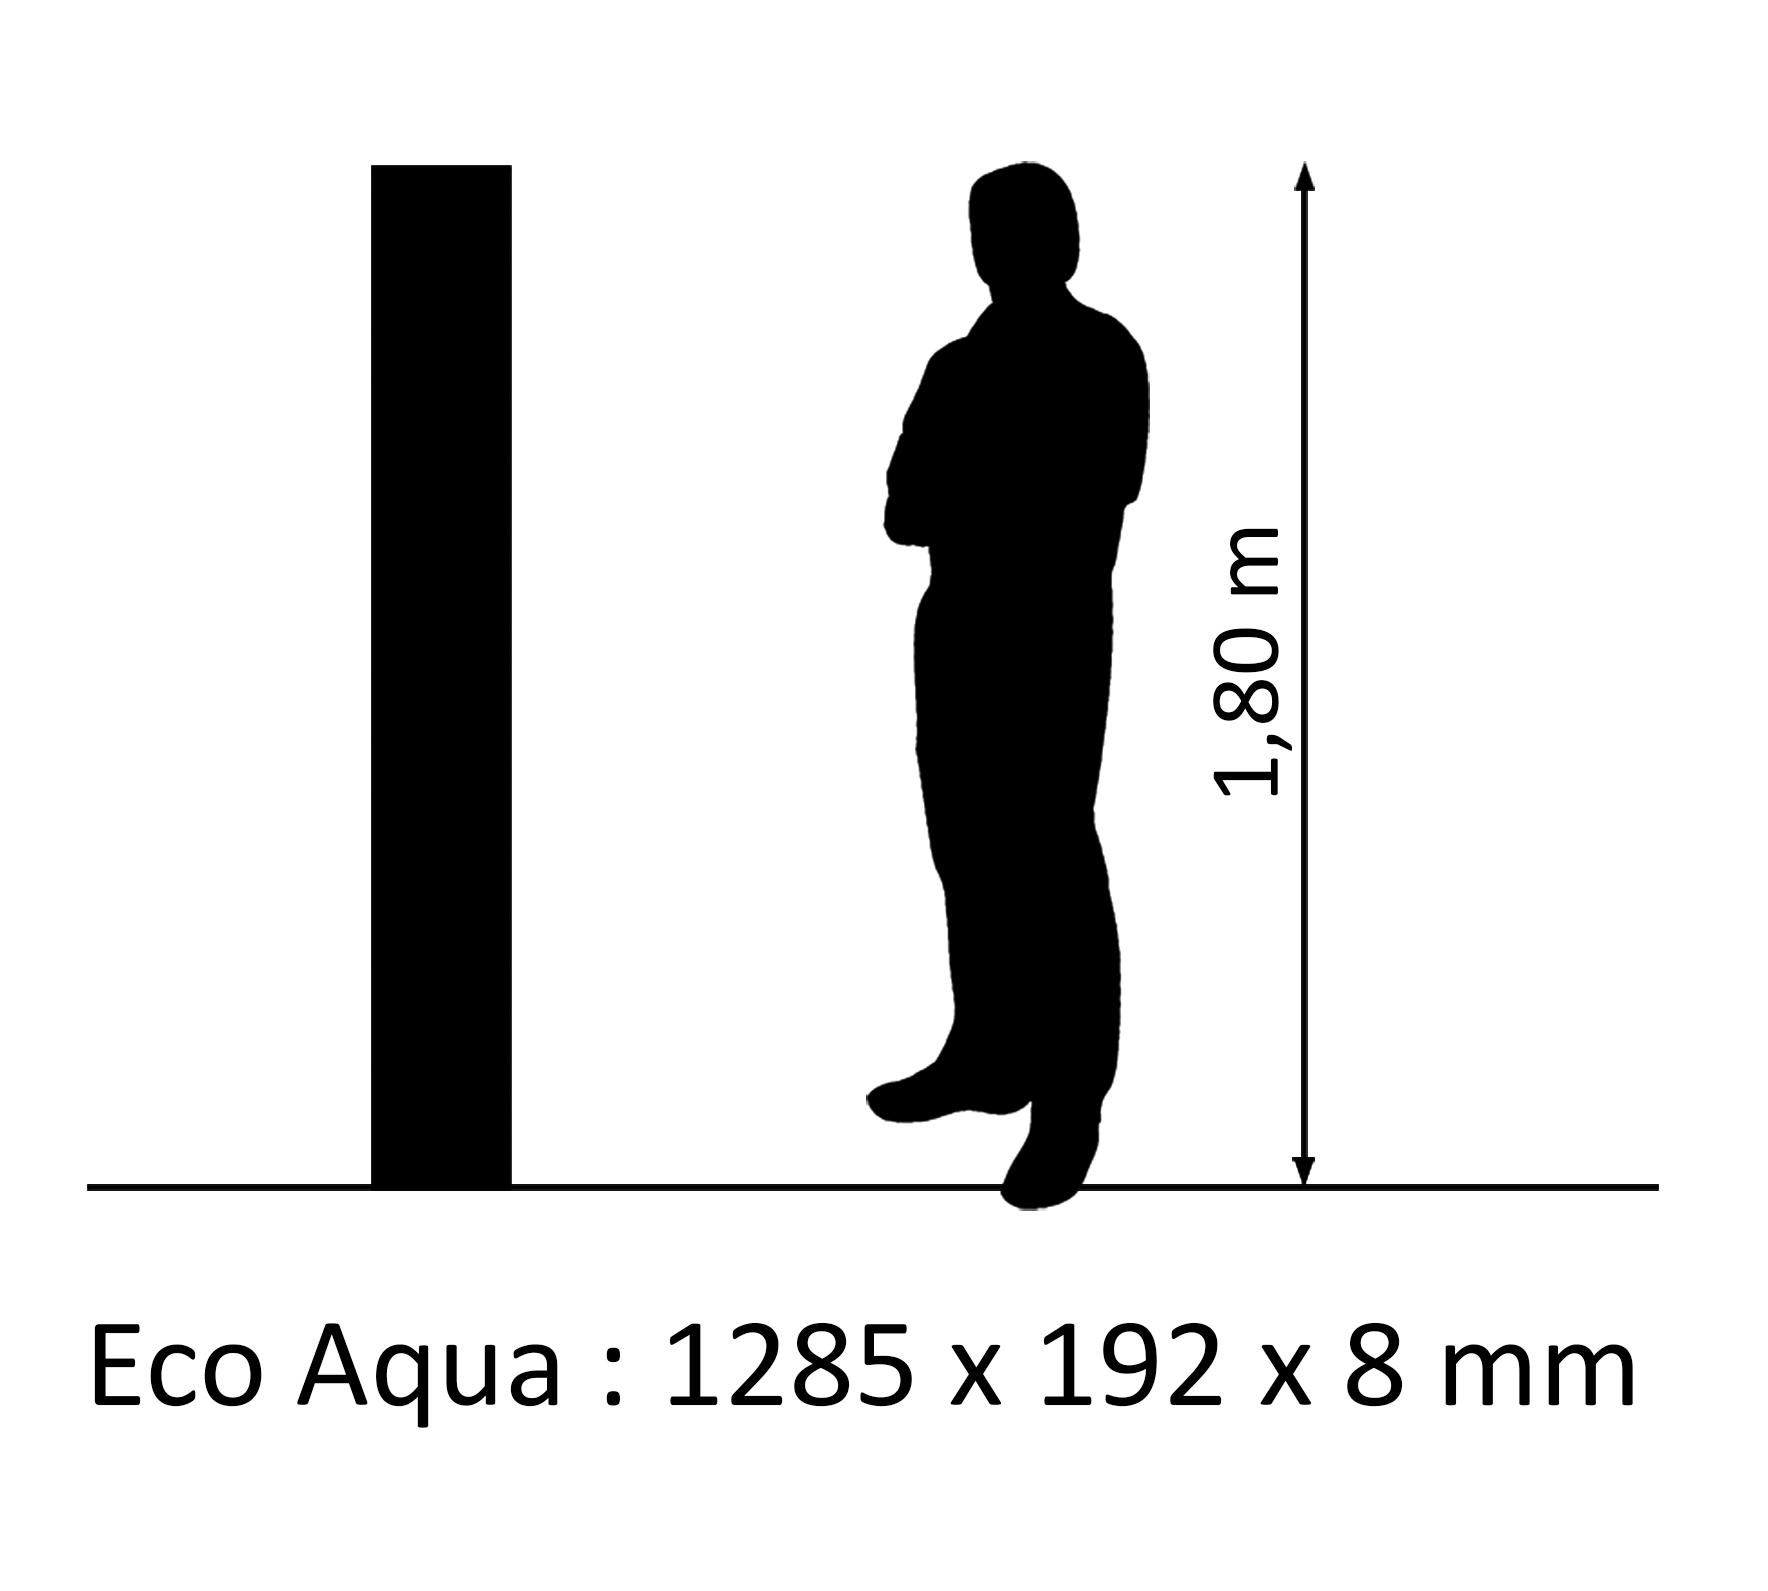 Wiparquet Eco Aqua Woodford Laminatboden